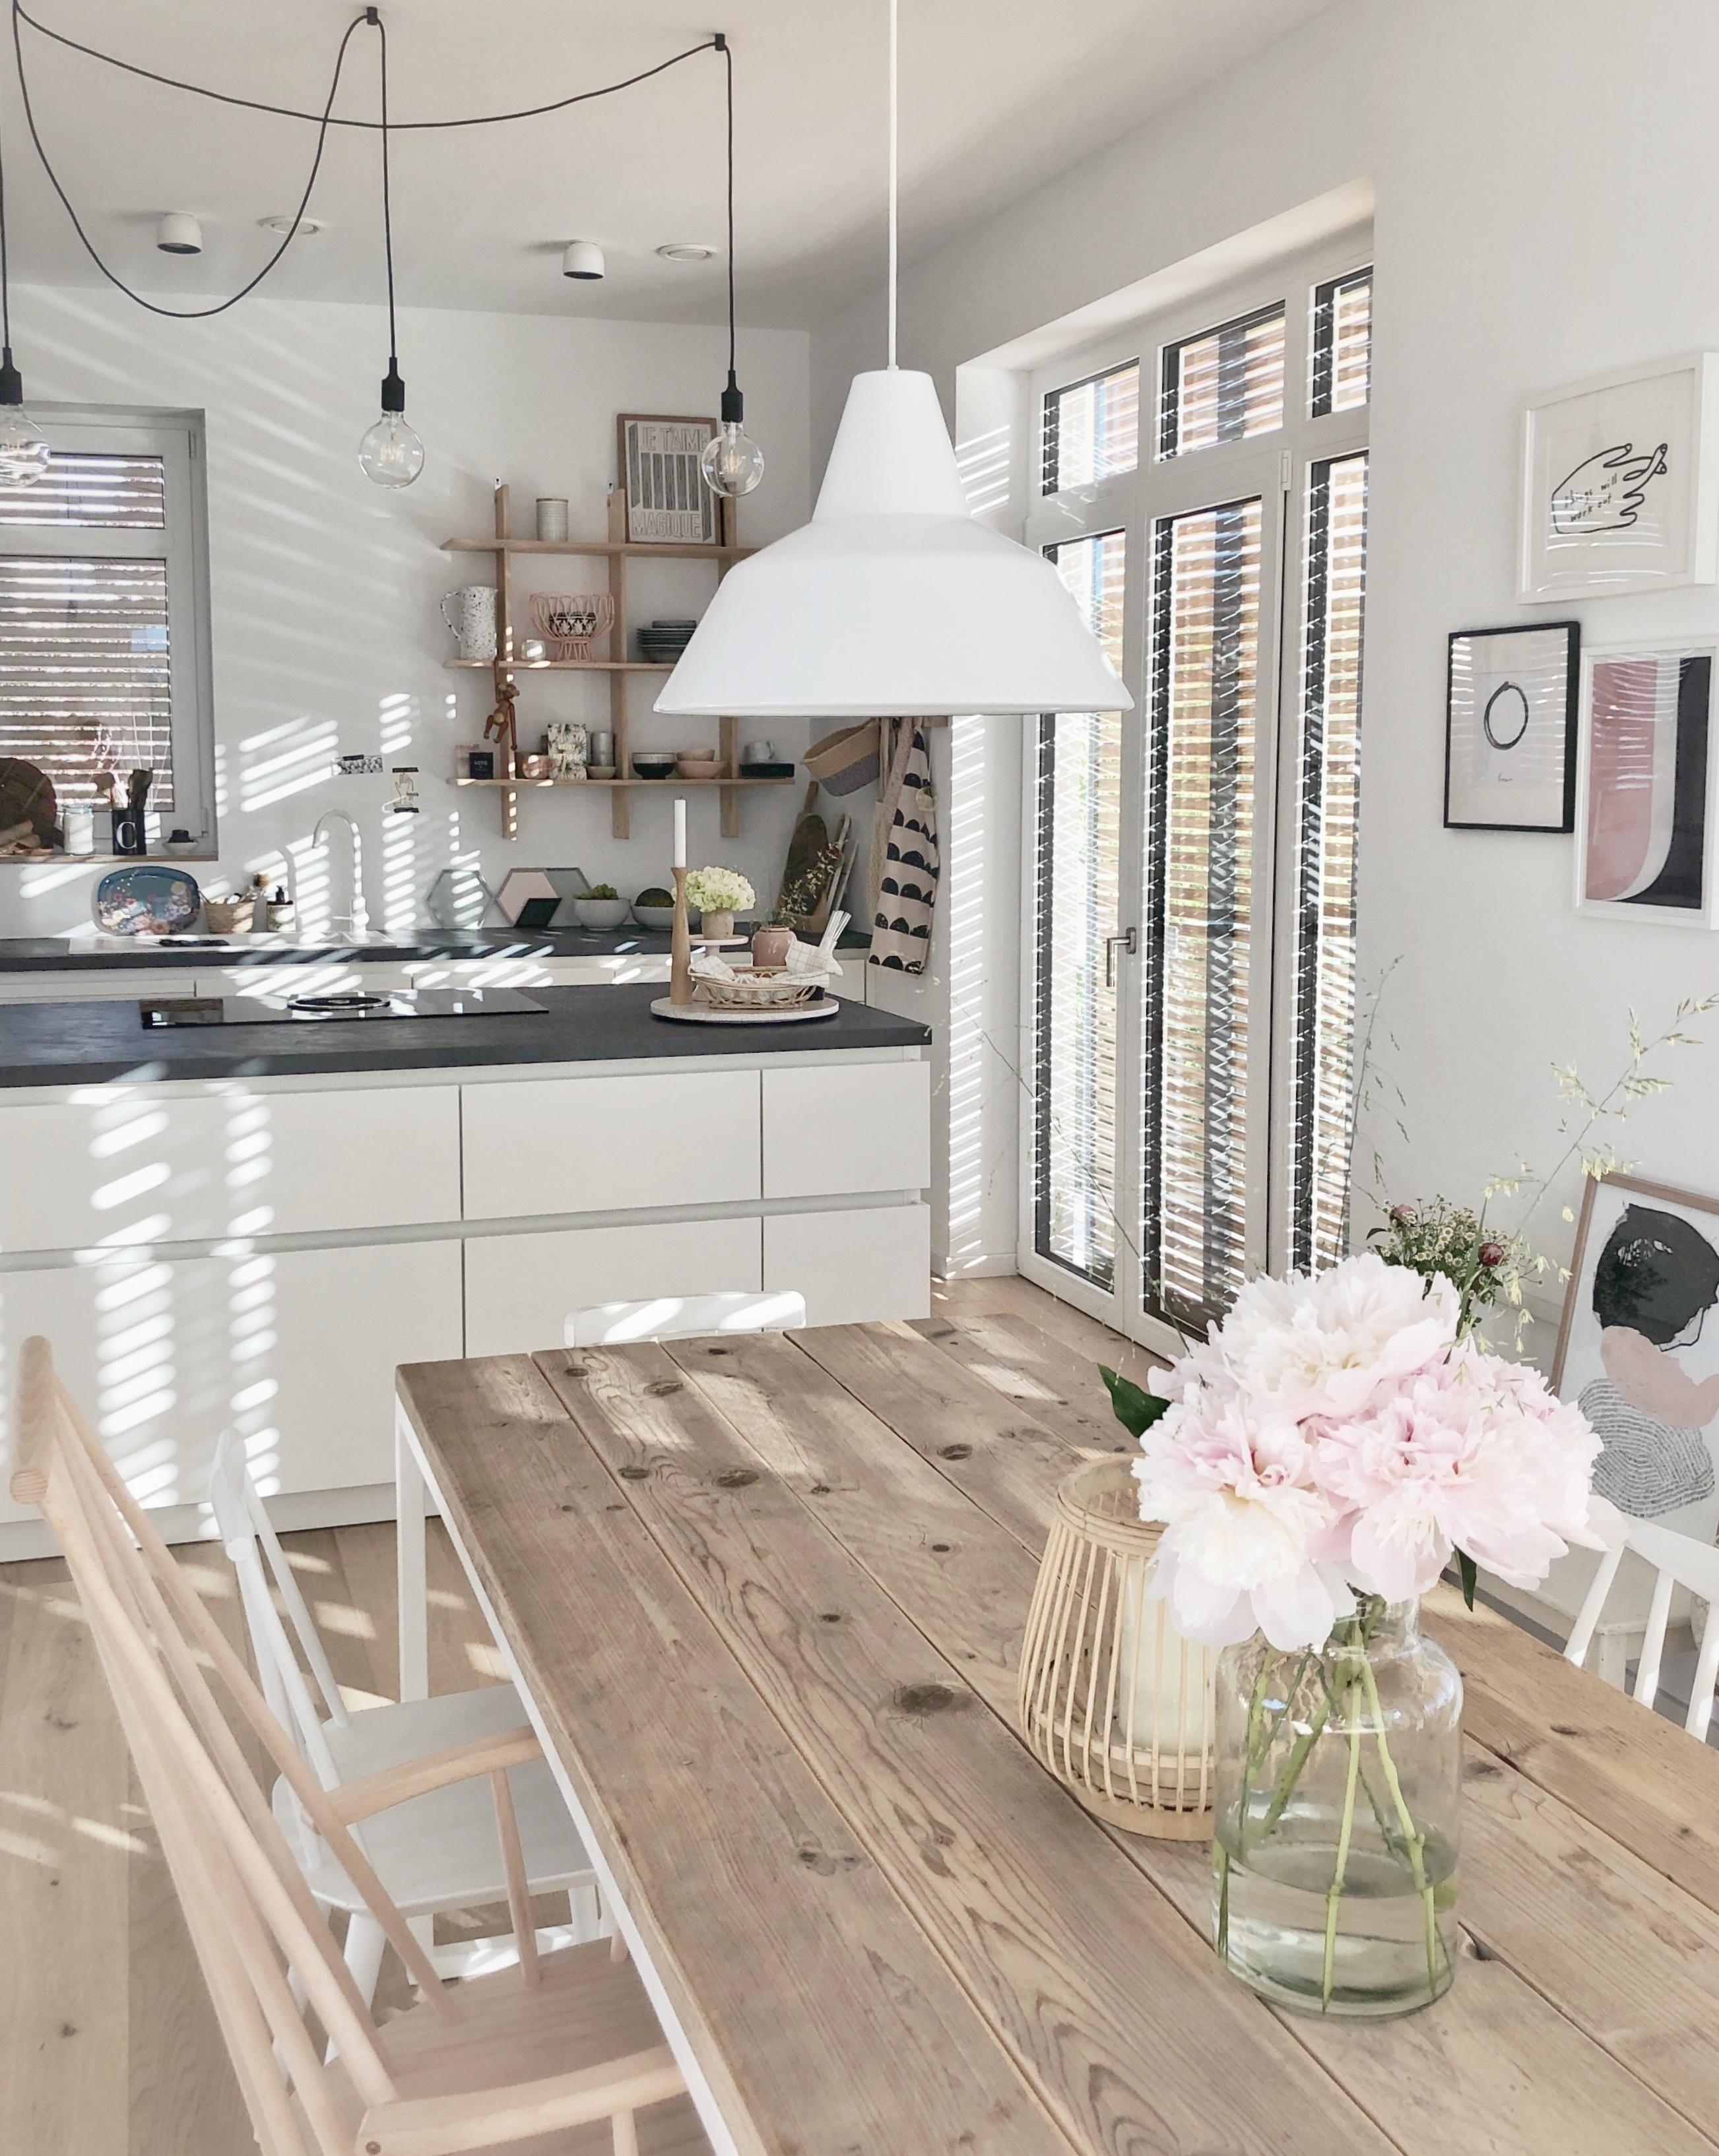 Kuchenliebe Kitchen Kuche Esstisch Weissekuche Nor Wohn Esszimmer Einrichten Und Wohnen Wohnzimmer Einrichten Und Wohnen